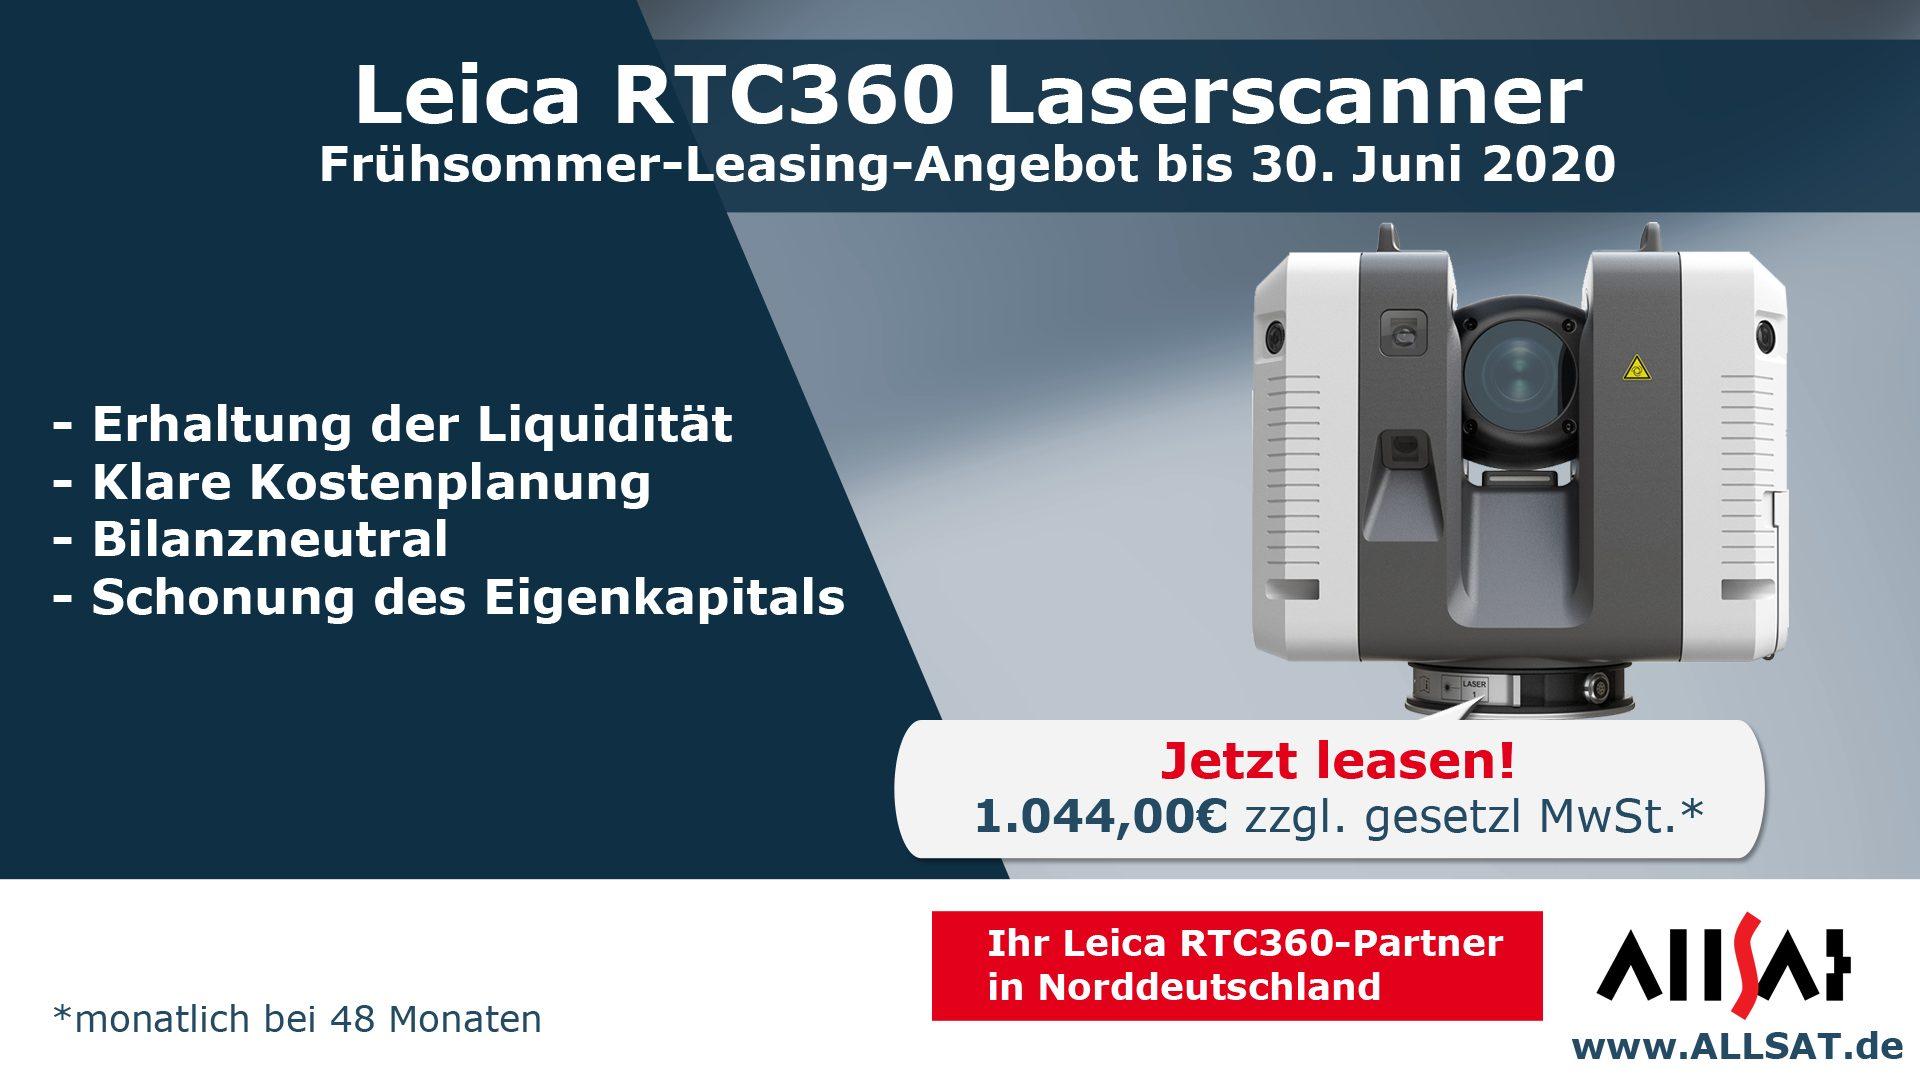 ALLSAT Laserscanner Leasing-Angebot